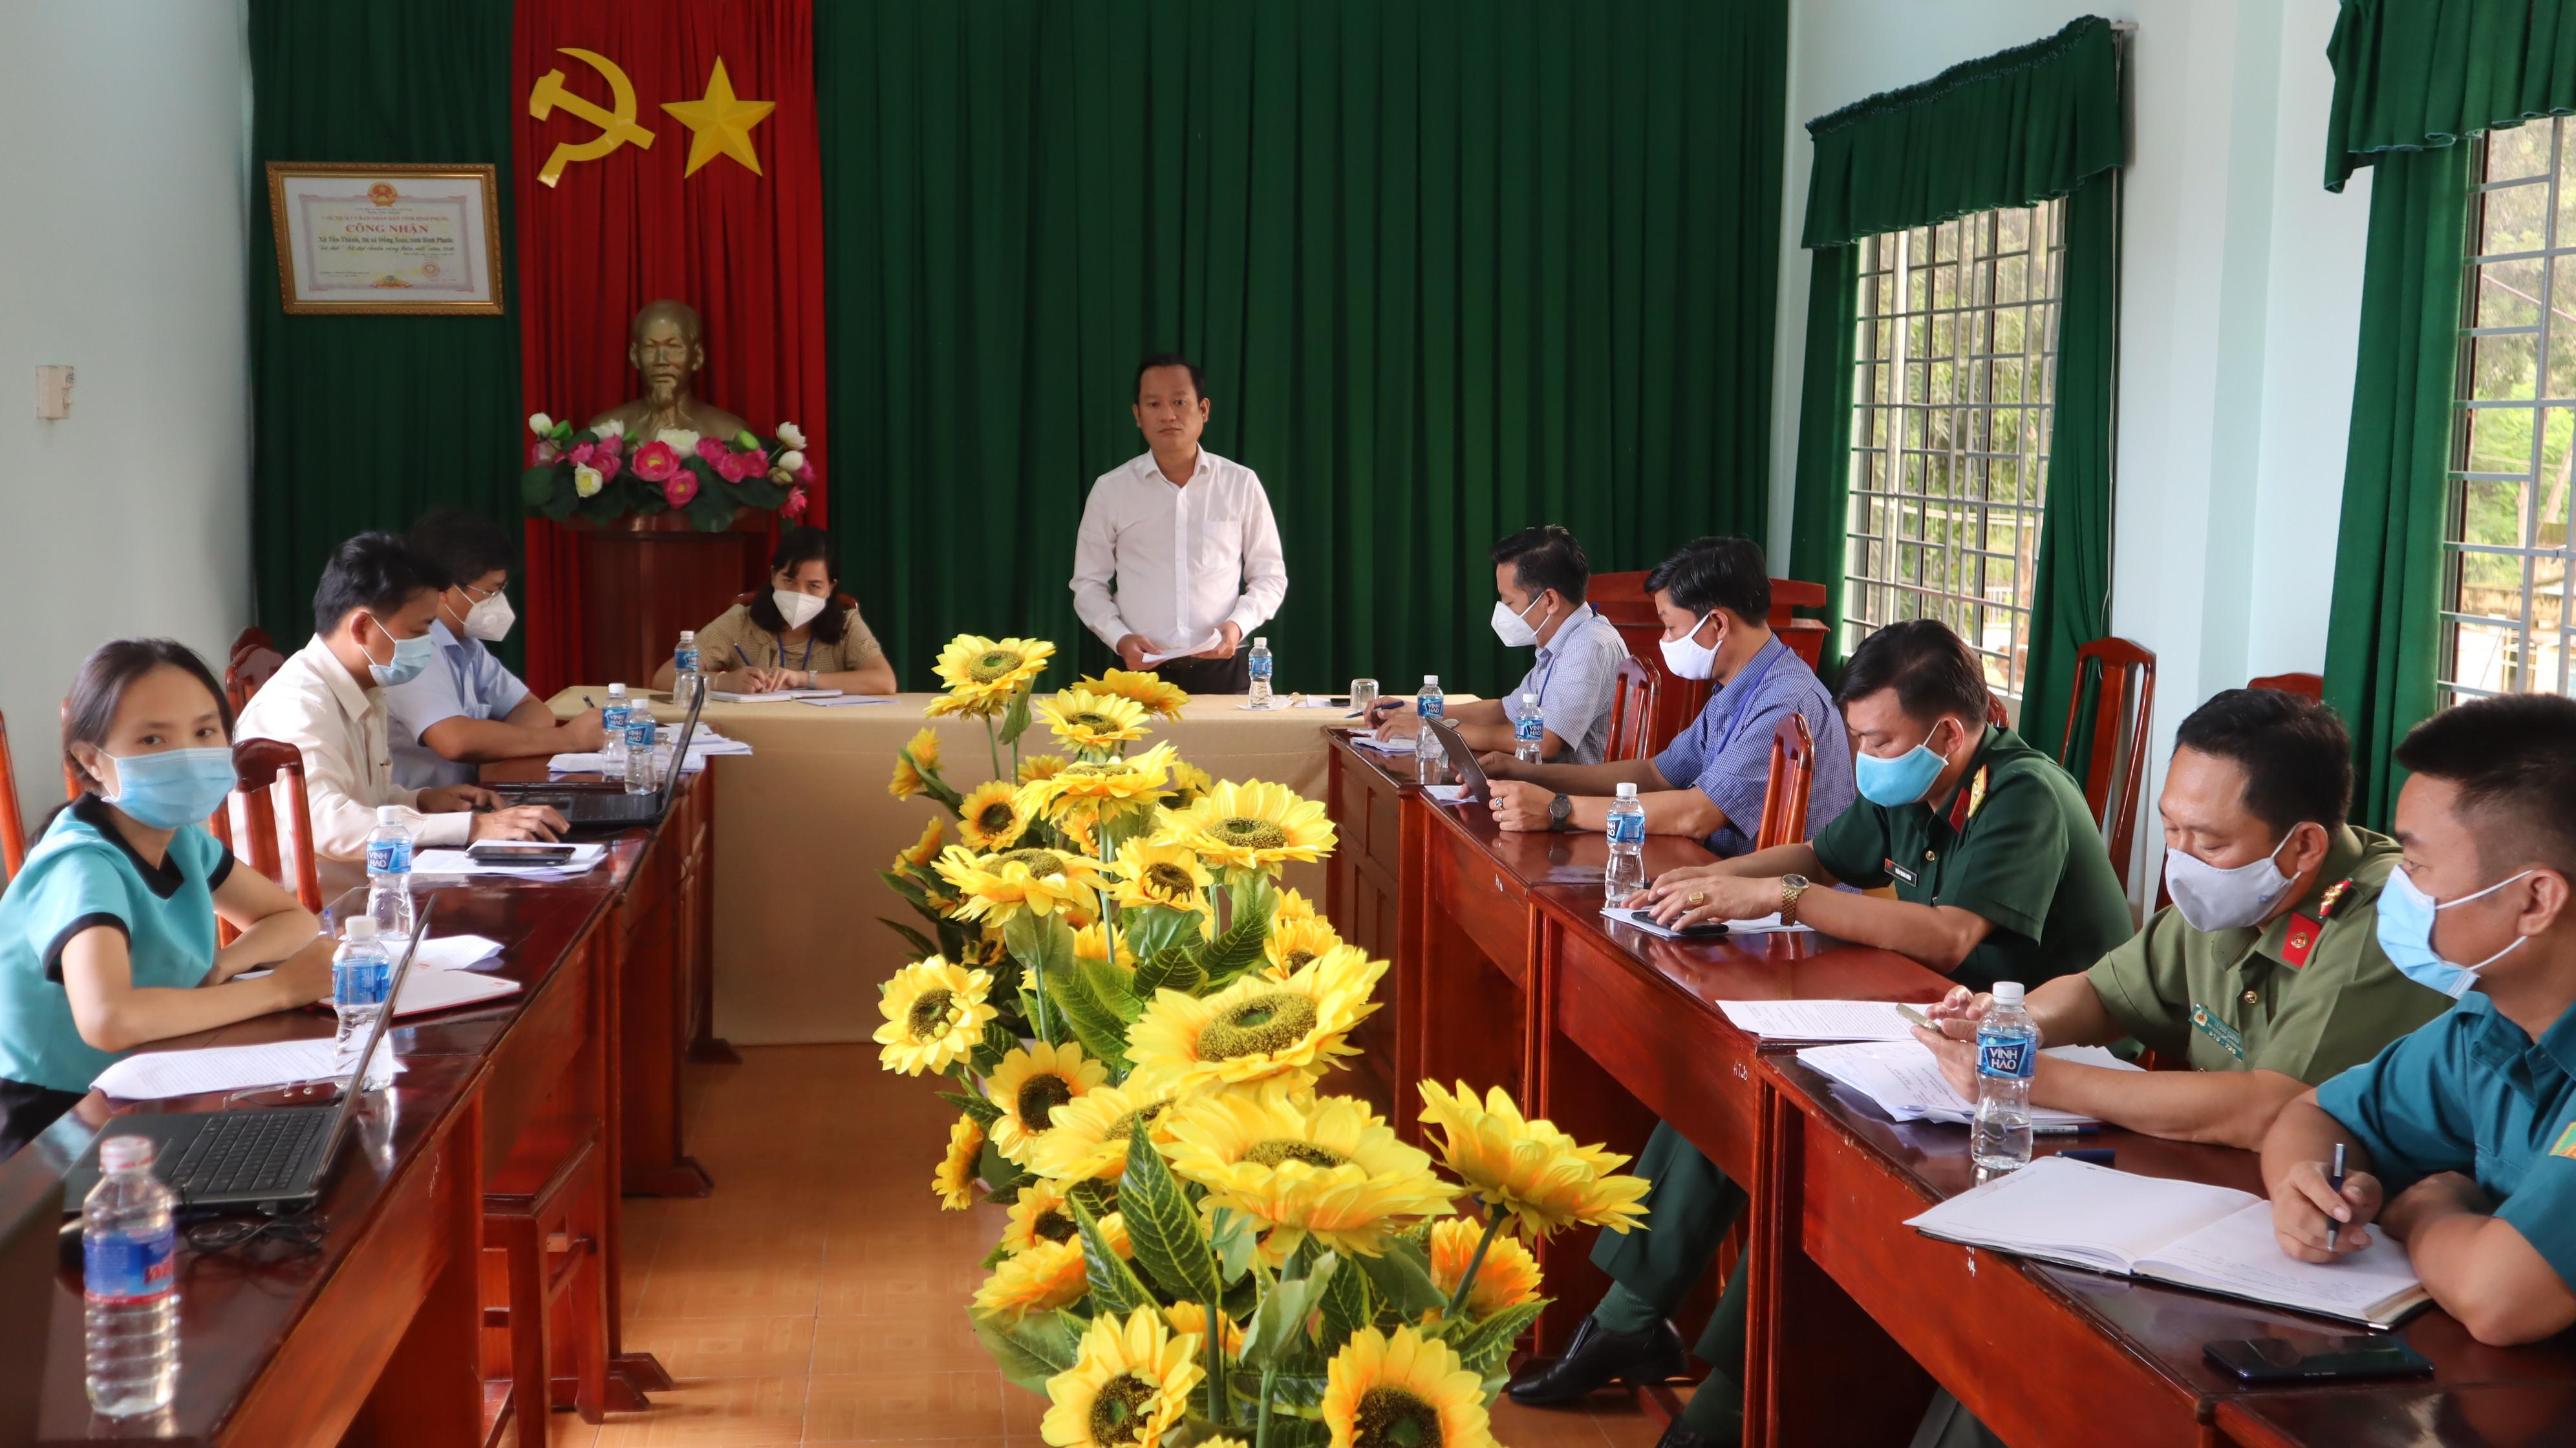 Chủ tịch UBND thành phố Nguyễn Minh Bình làm việc với Đảng ủy UBND xã Tân Thành